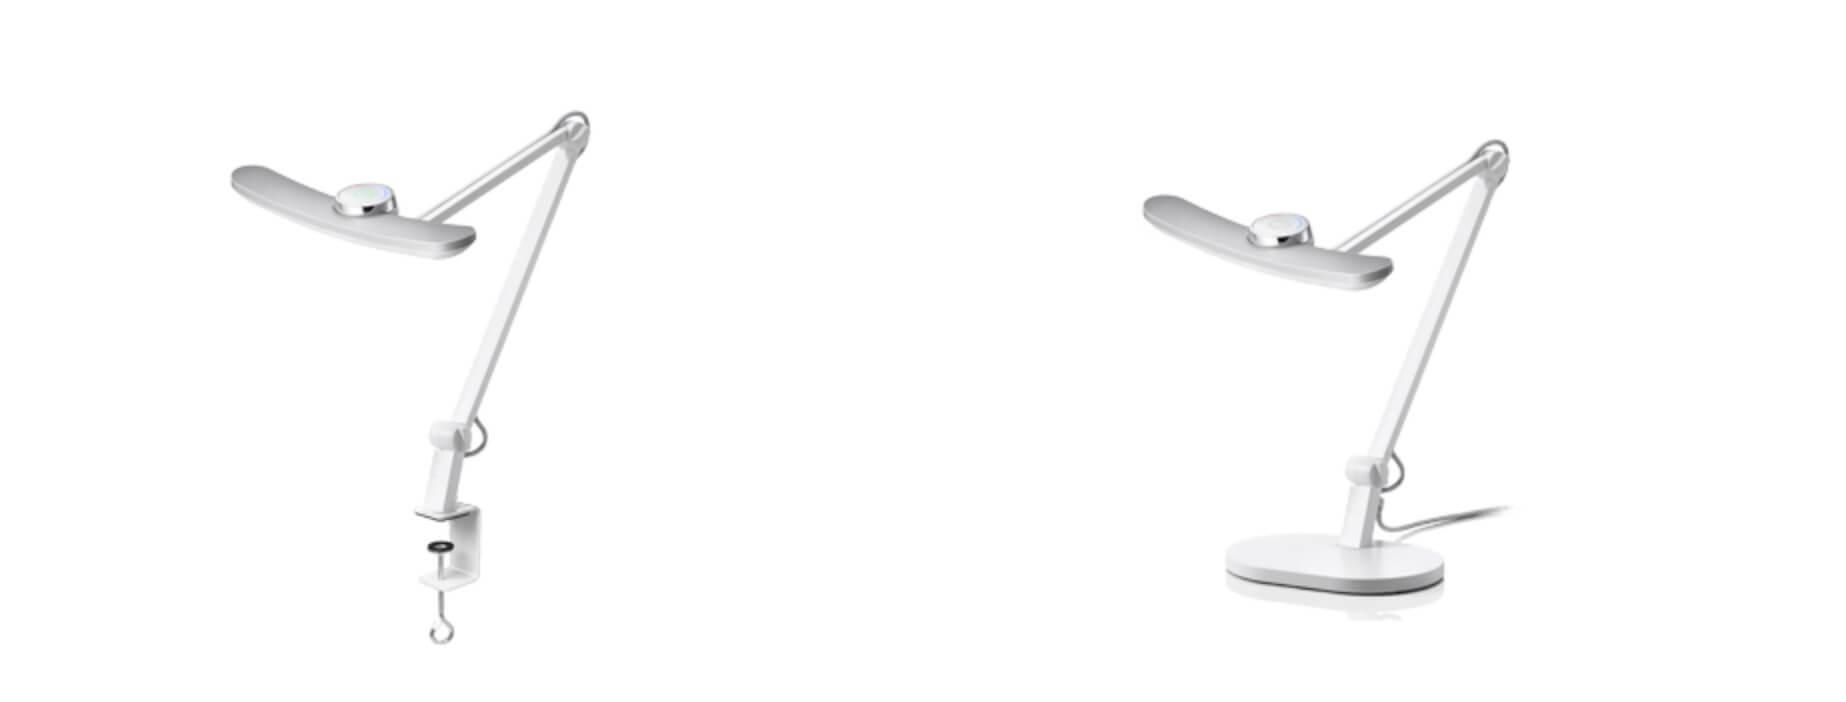 BenQ WiT MindDuoはスタンドタイプとクランプタイプの2種類ある